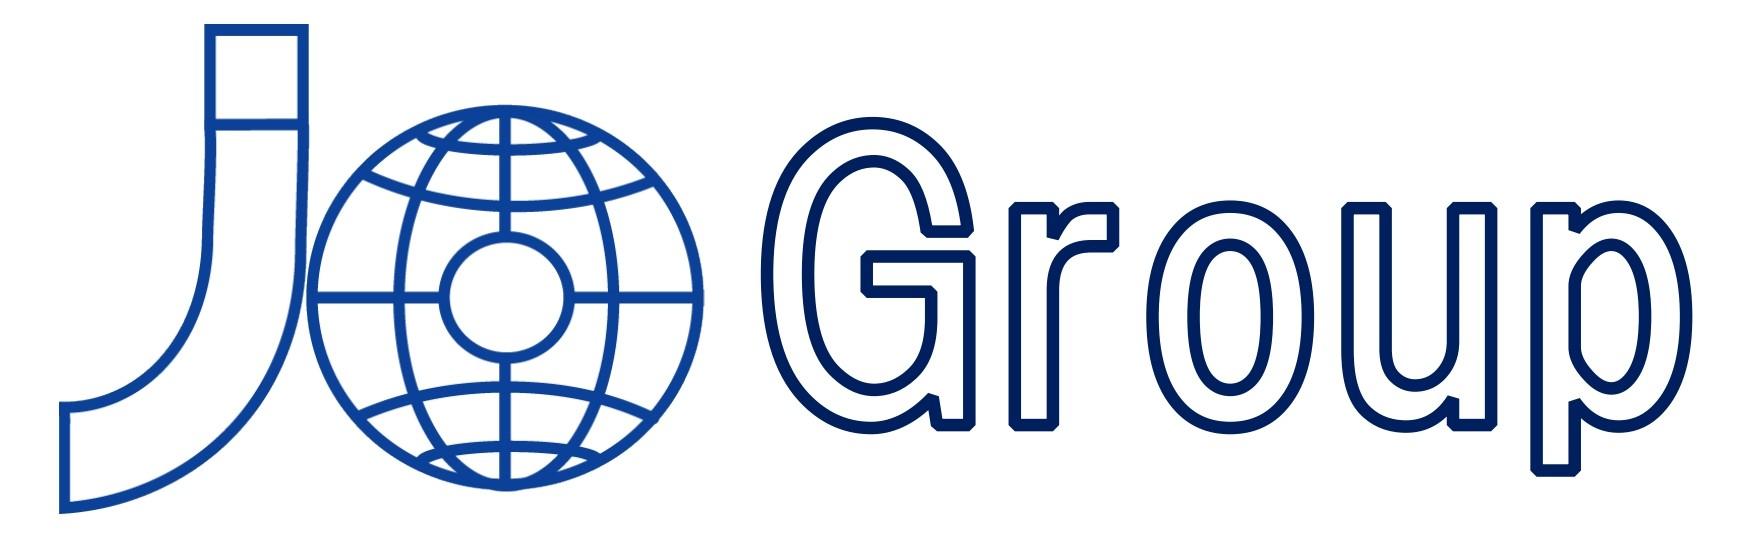 JO Group